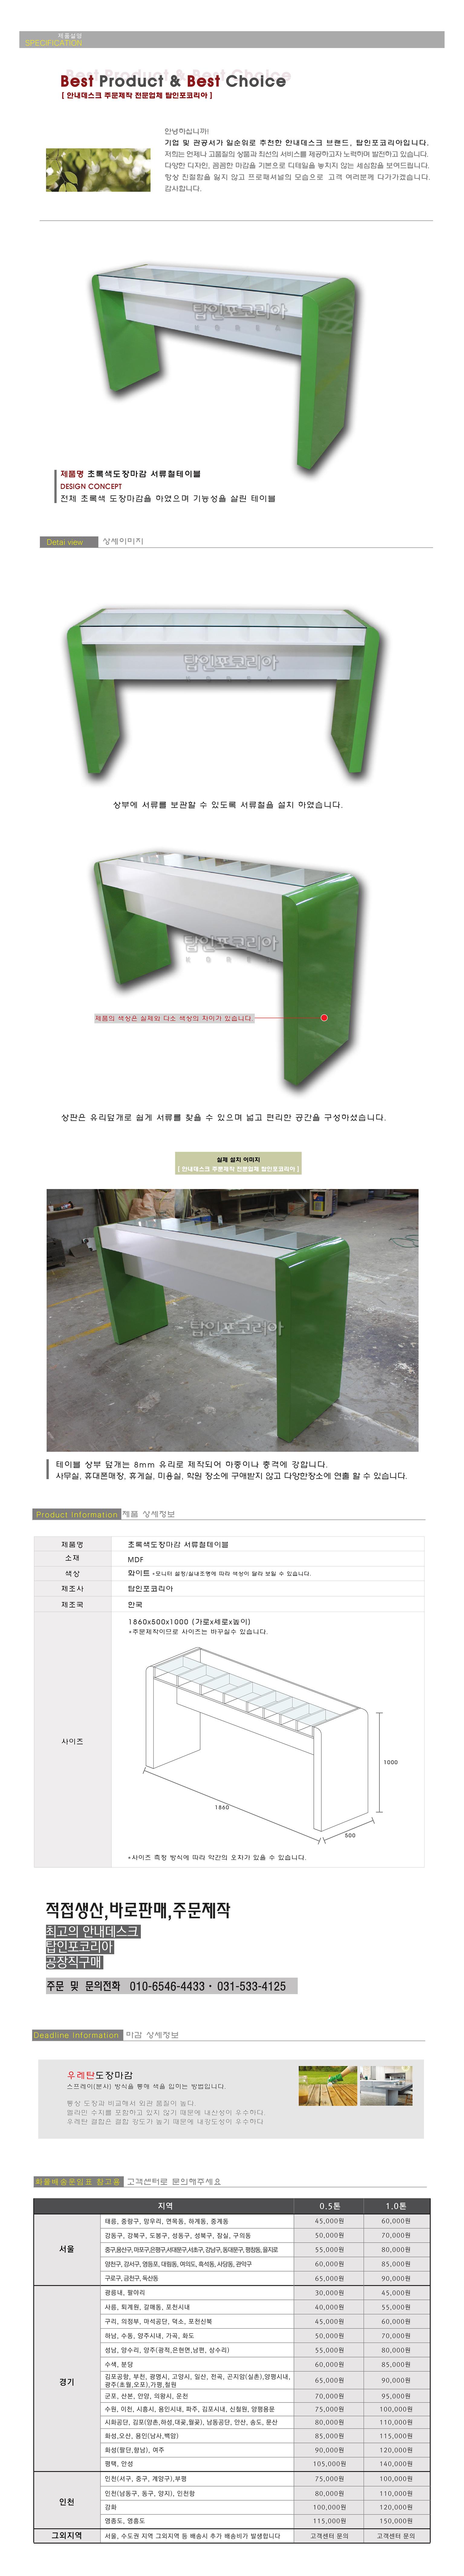 No11-초록색도장서류철테이블-01.jpg